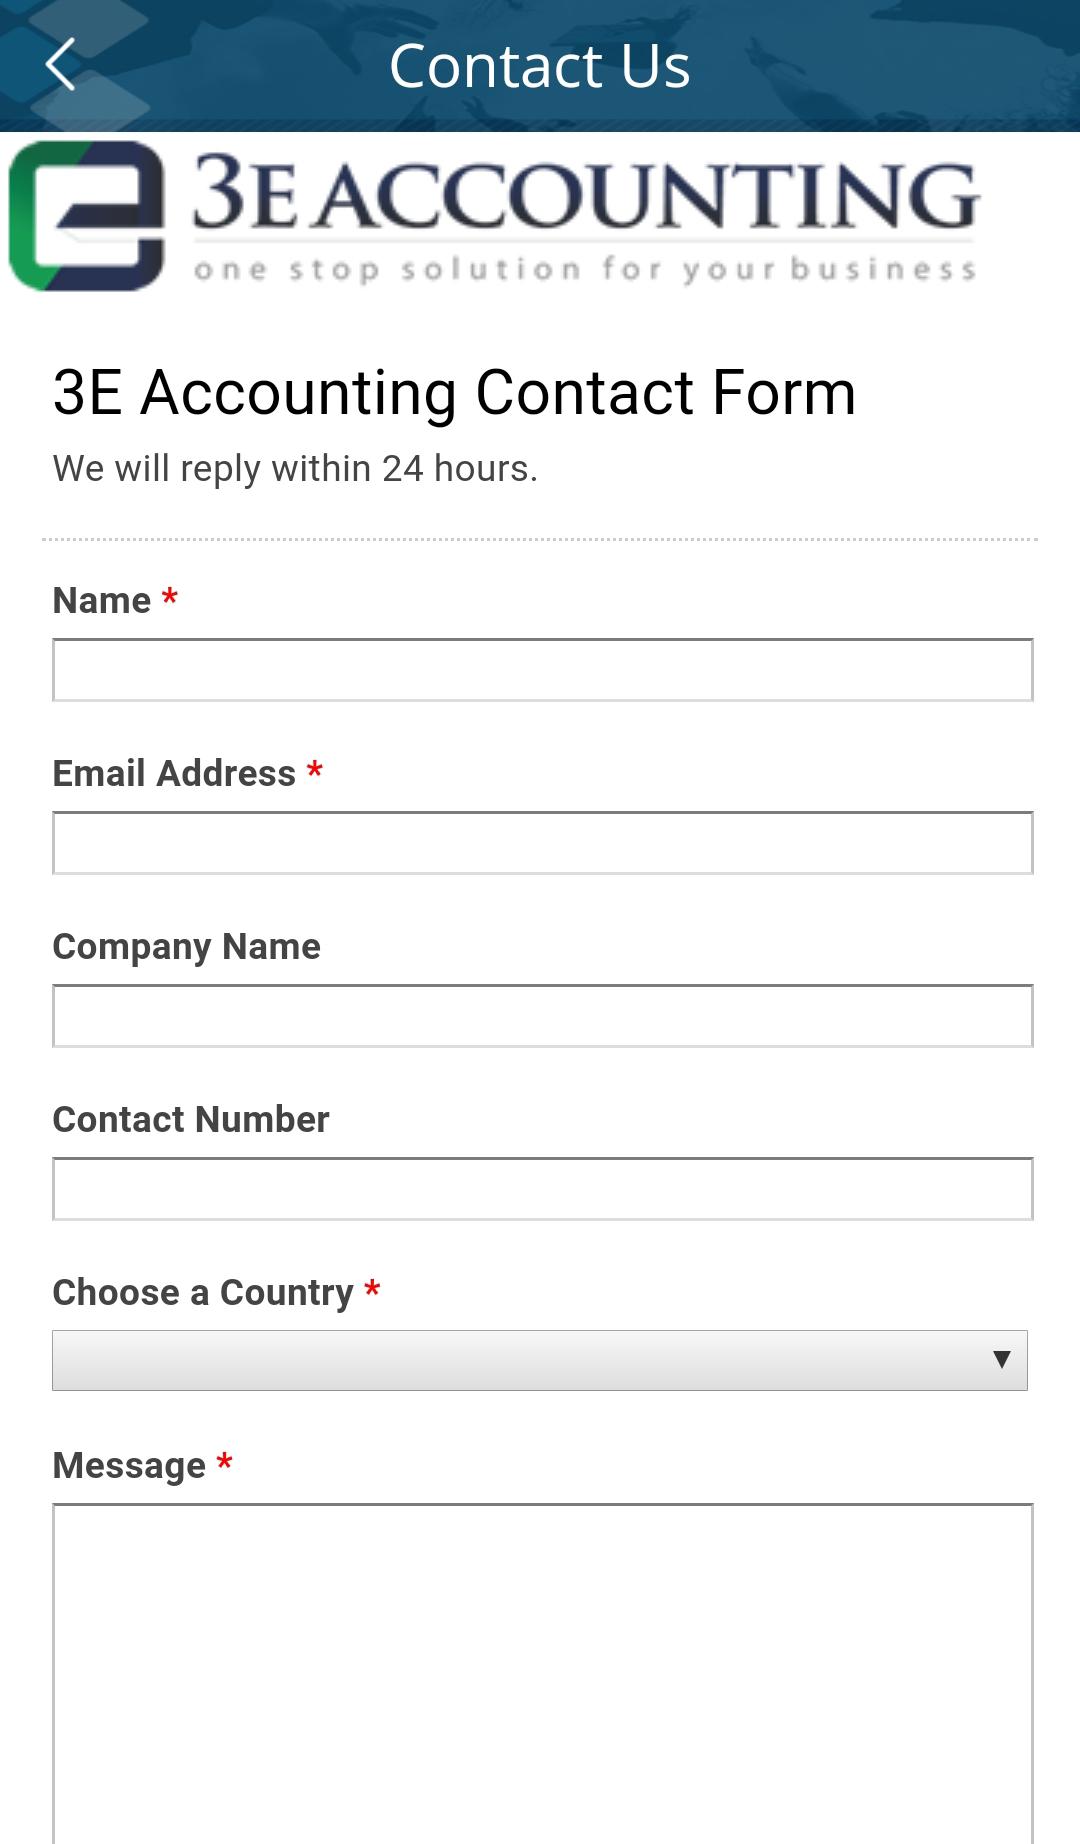 填写我们的联系表格